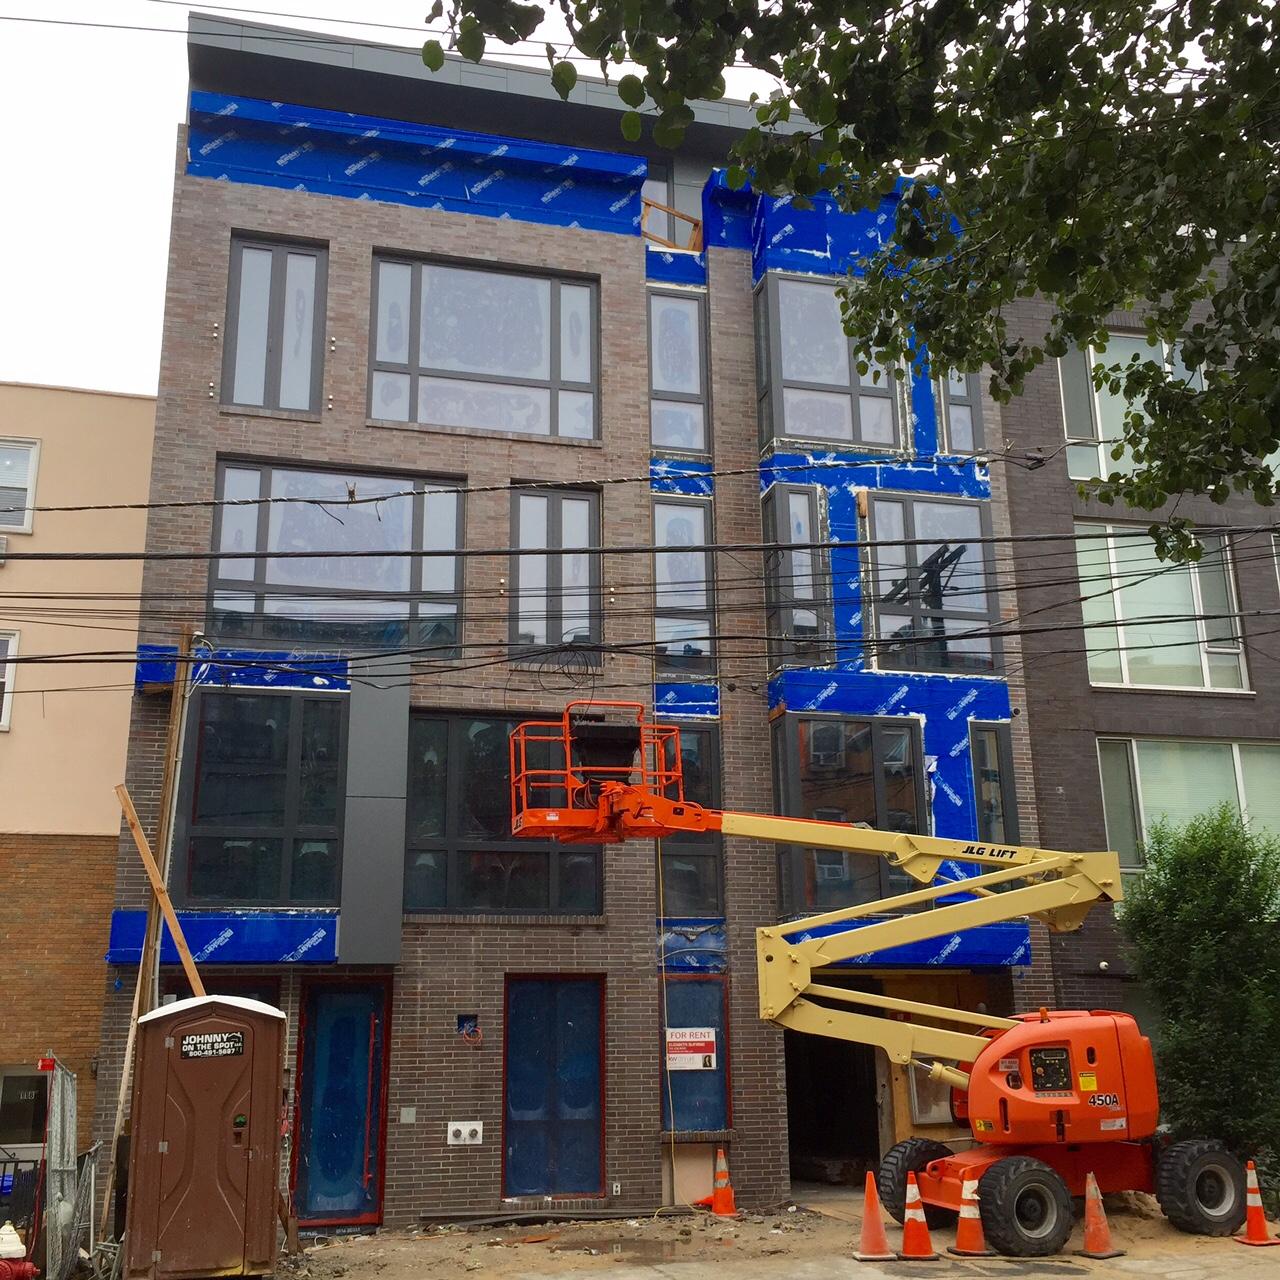 June 15, 2015--scaffolding is down